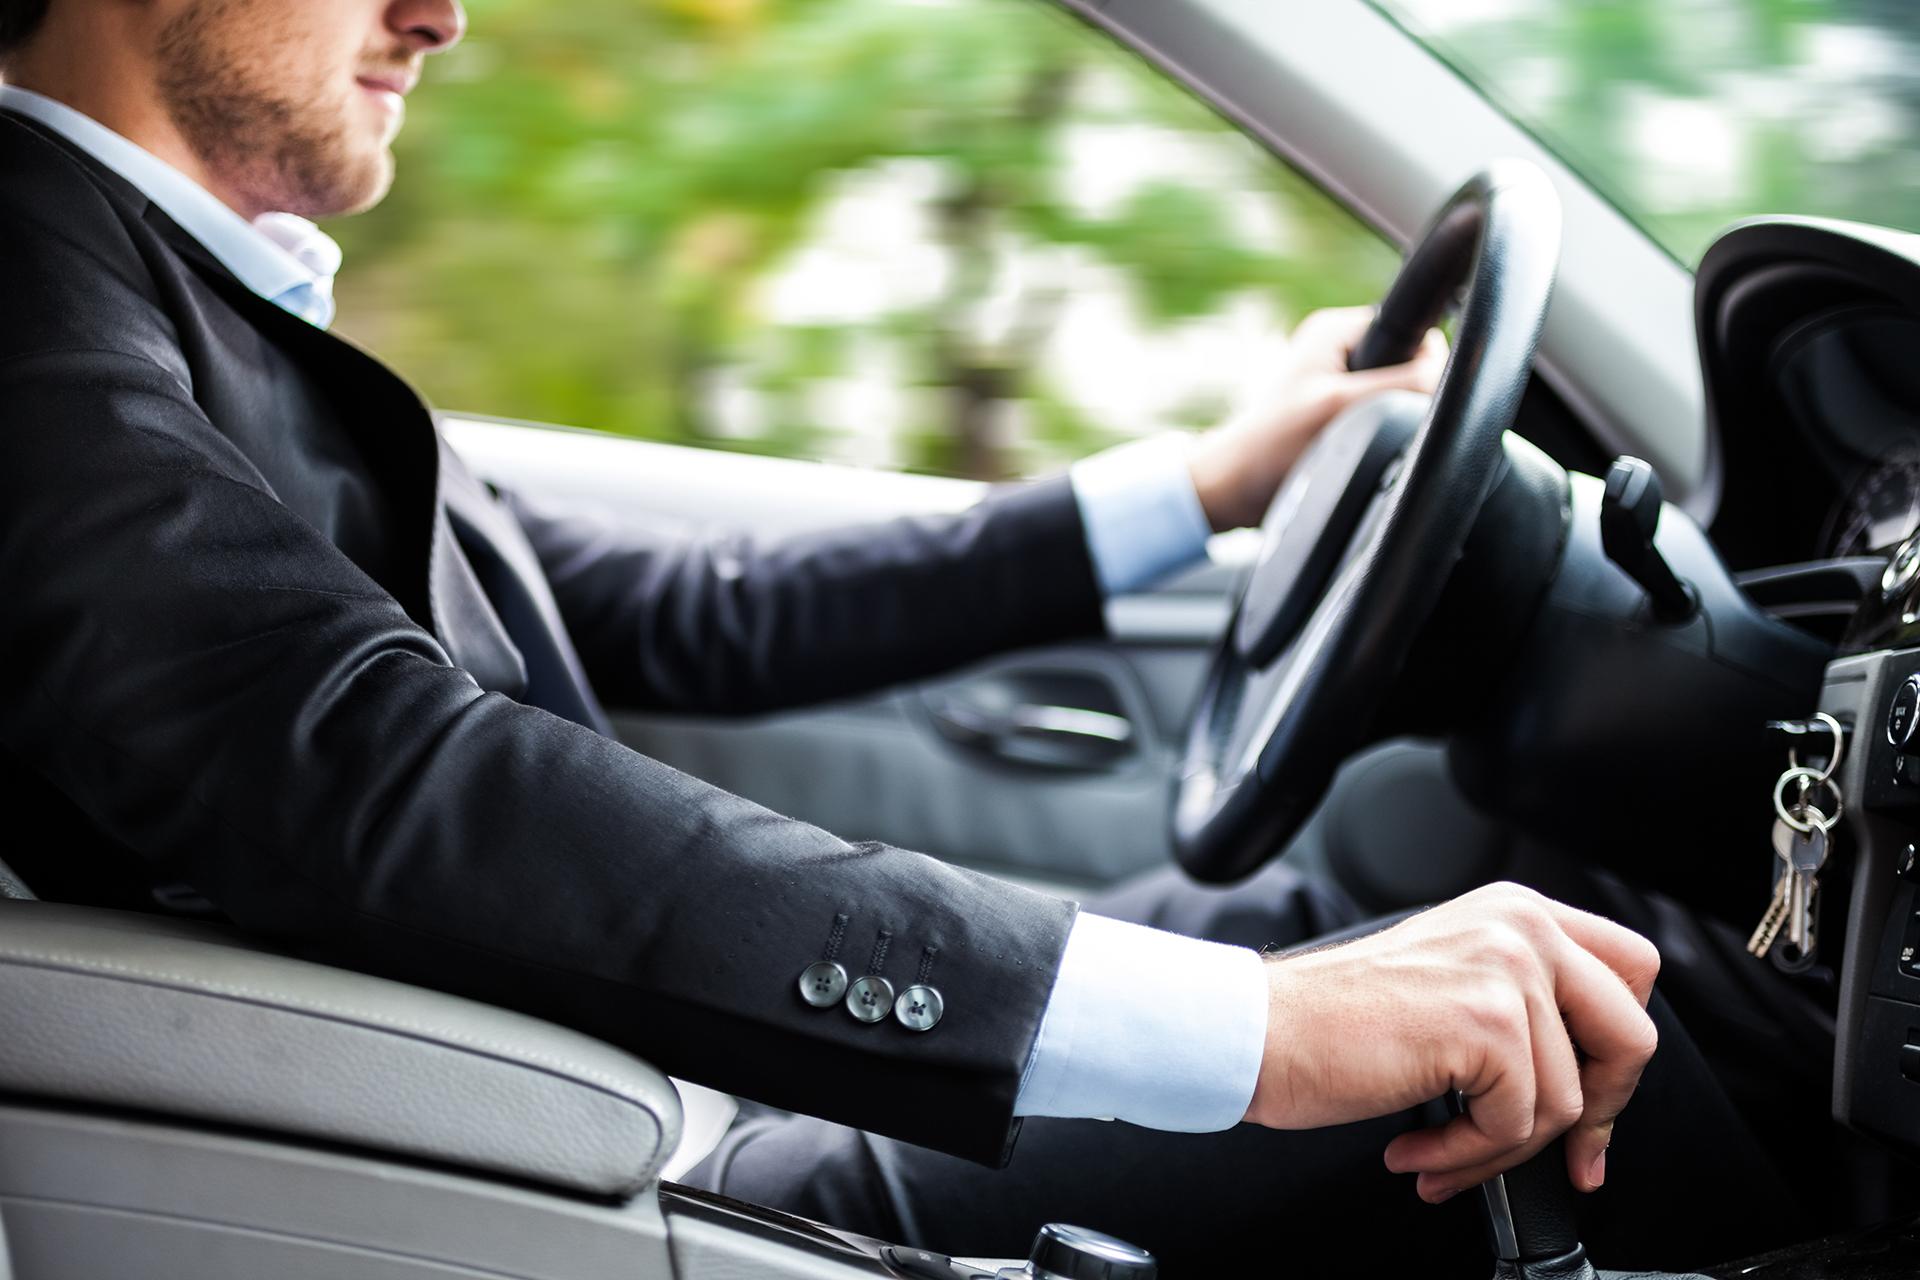 モテる男の条件に車は必要?女性ウケする車選びのポイント